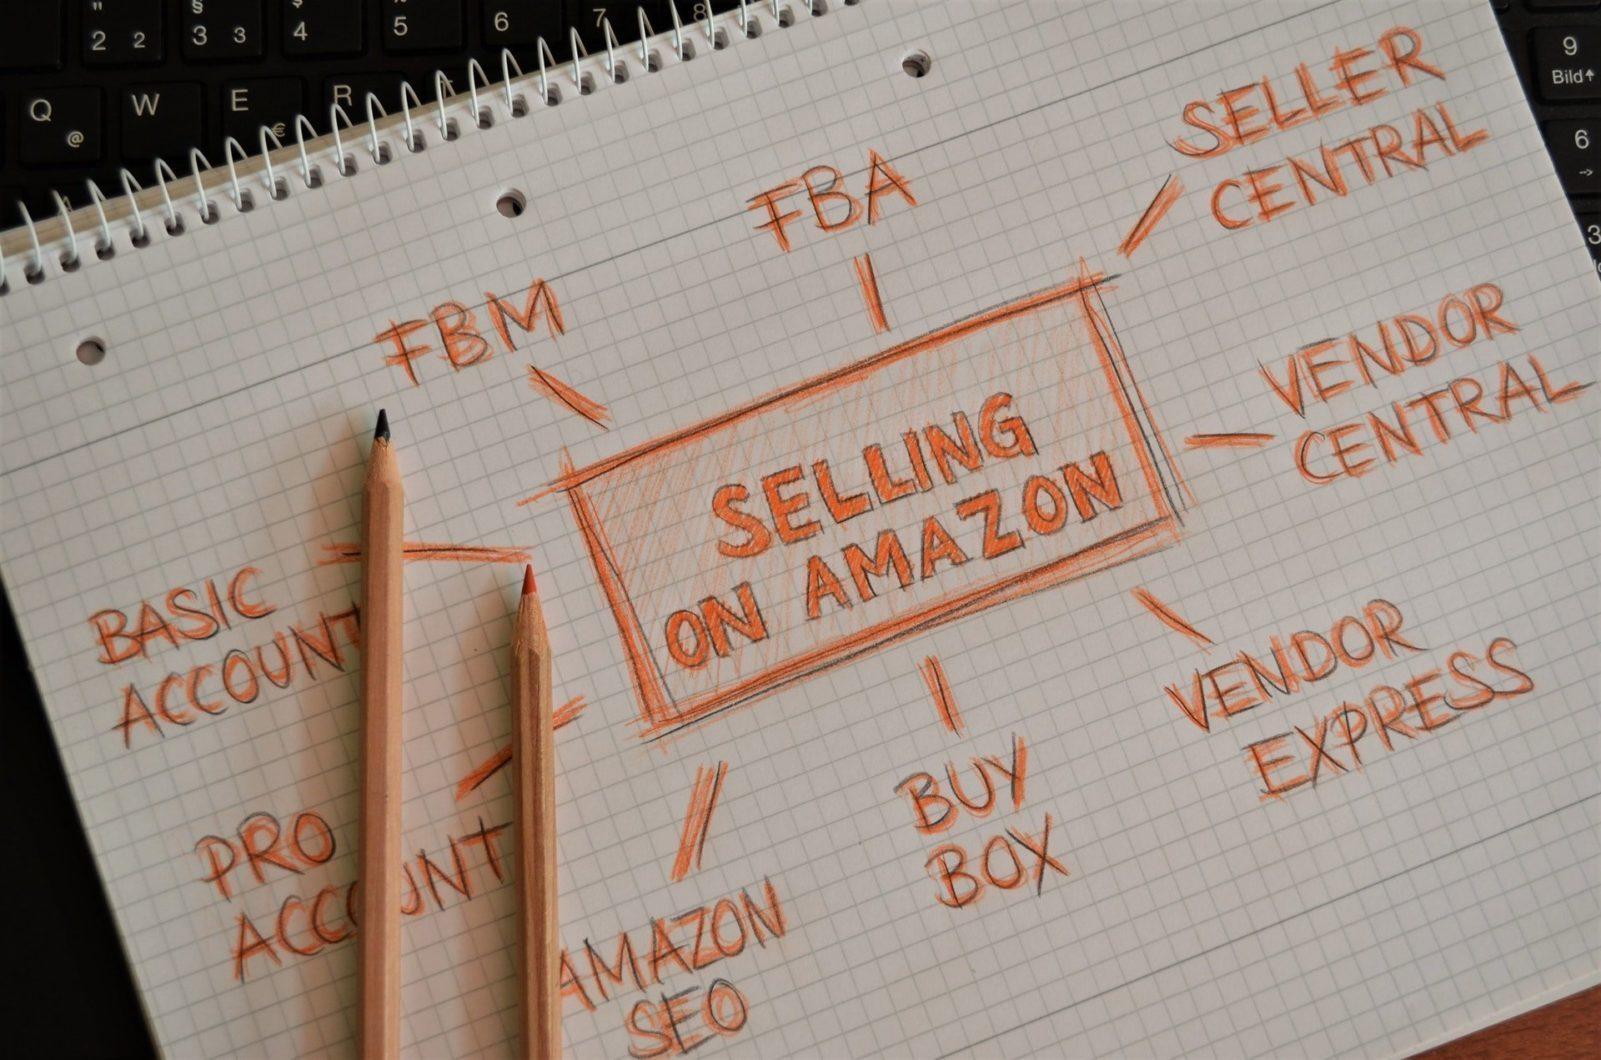 Versand durch Amazon – Lohnt sich Amazon FBA? Kosten, Nutzen & Vorteile